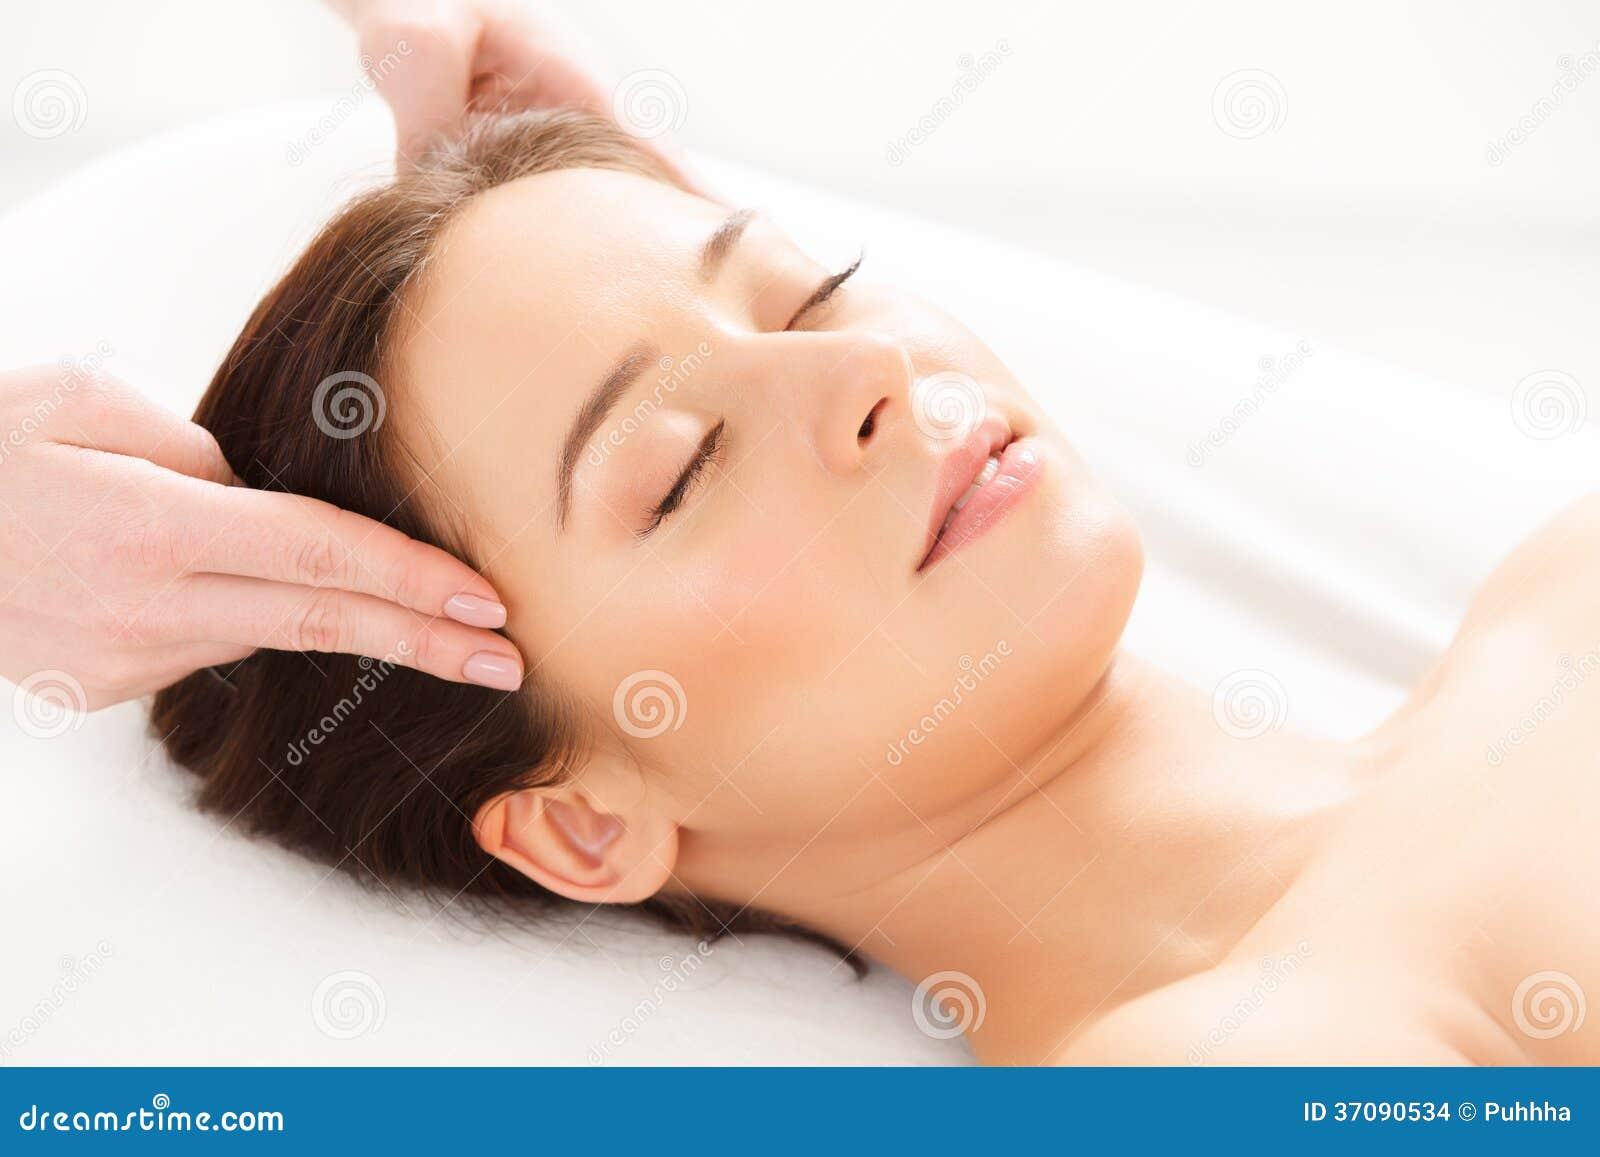 women getting naked massage